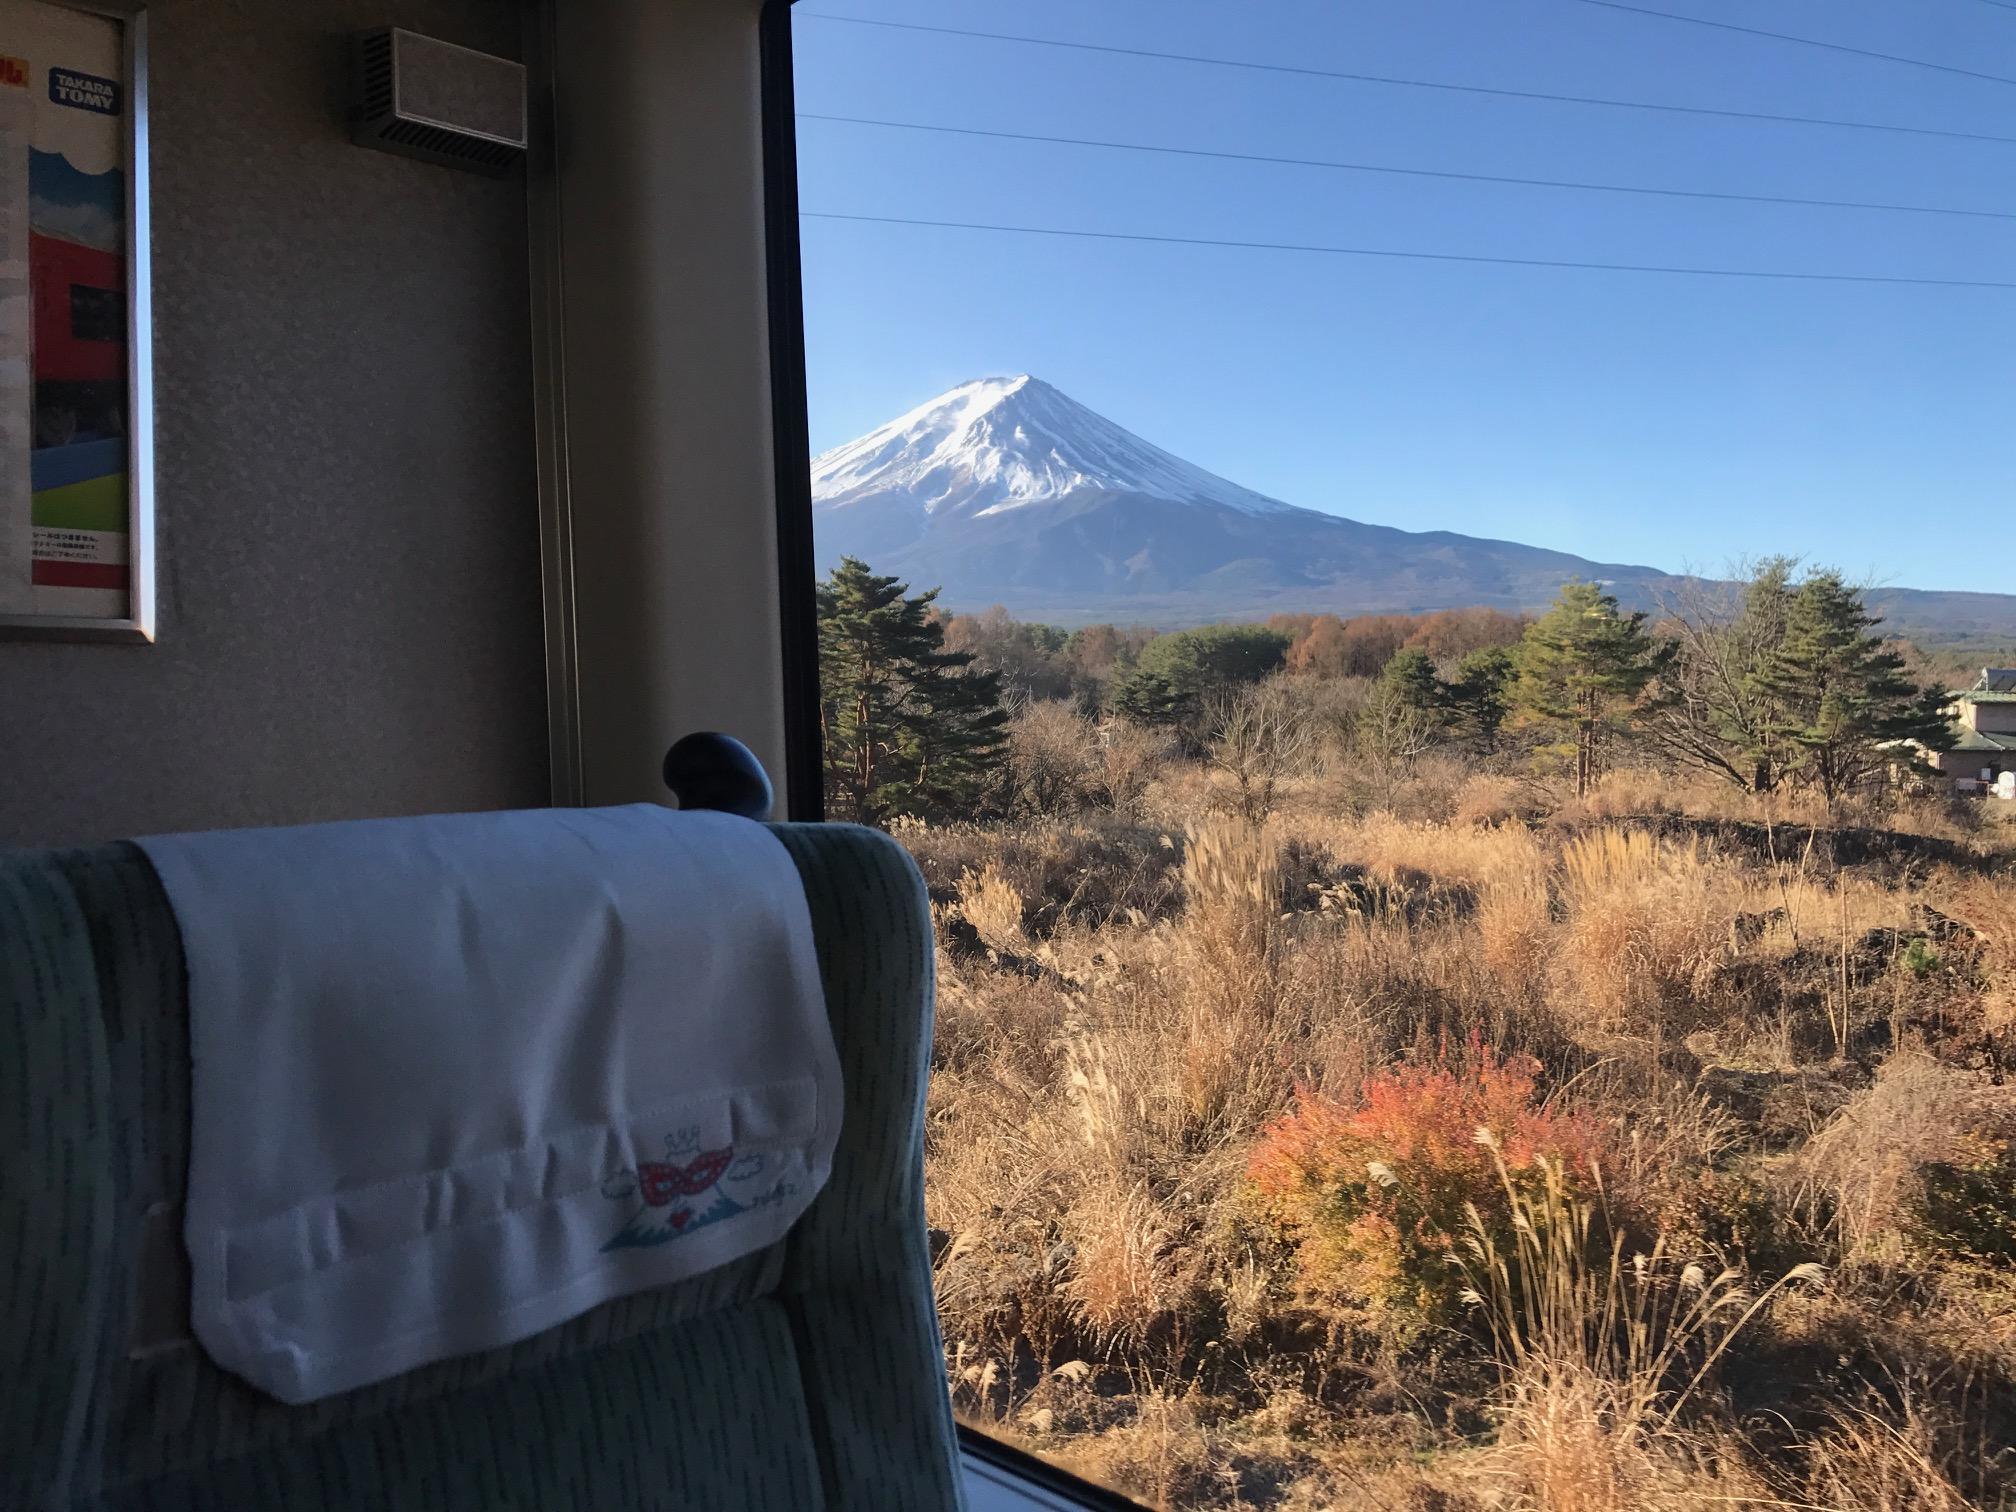 จากรถหน้าต่างของภูเขาไฟฟูจิด่วน